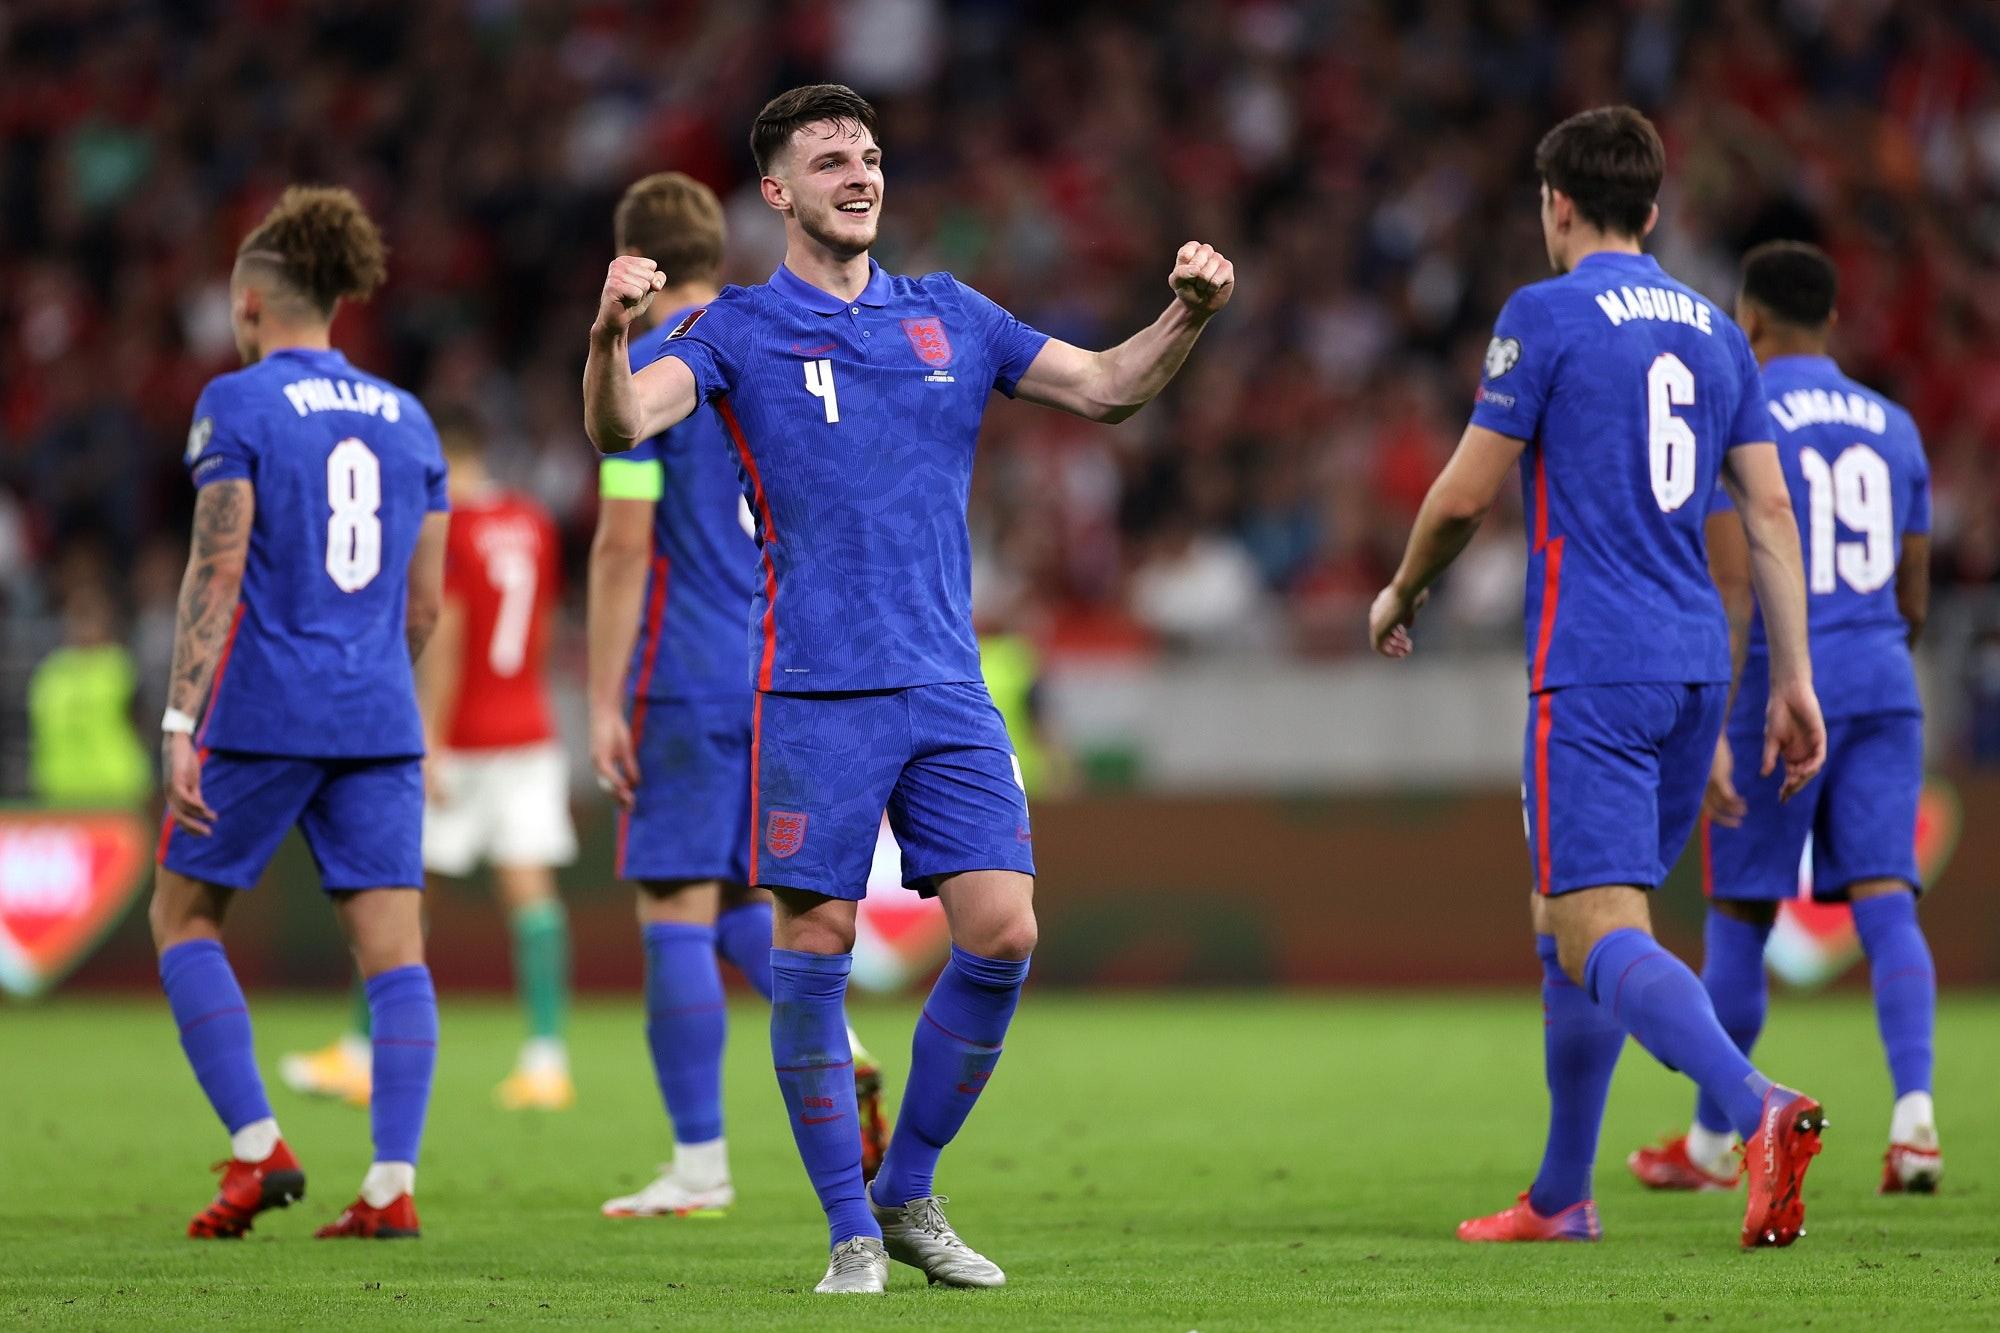 Eliminacje MŚ 2022. Anglia - Węgry. Declan Rice